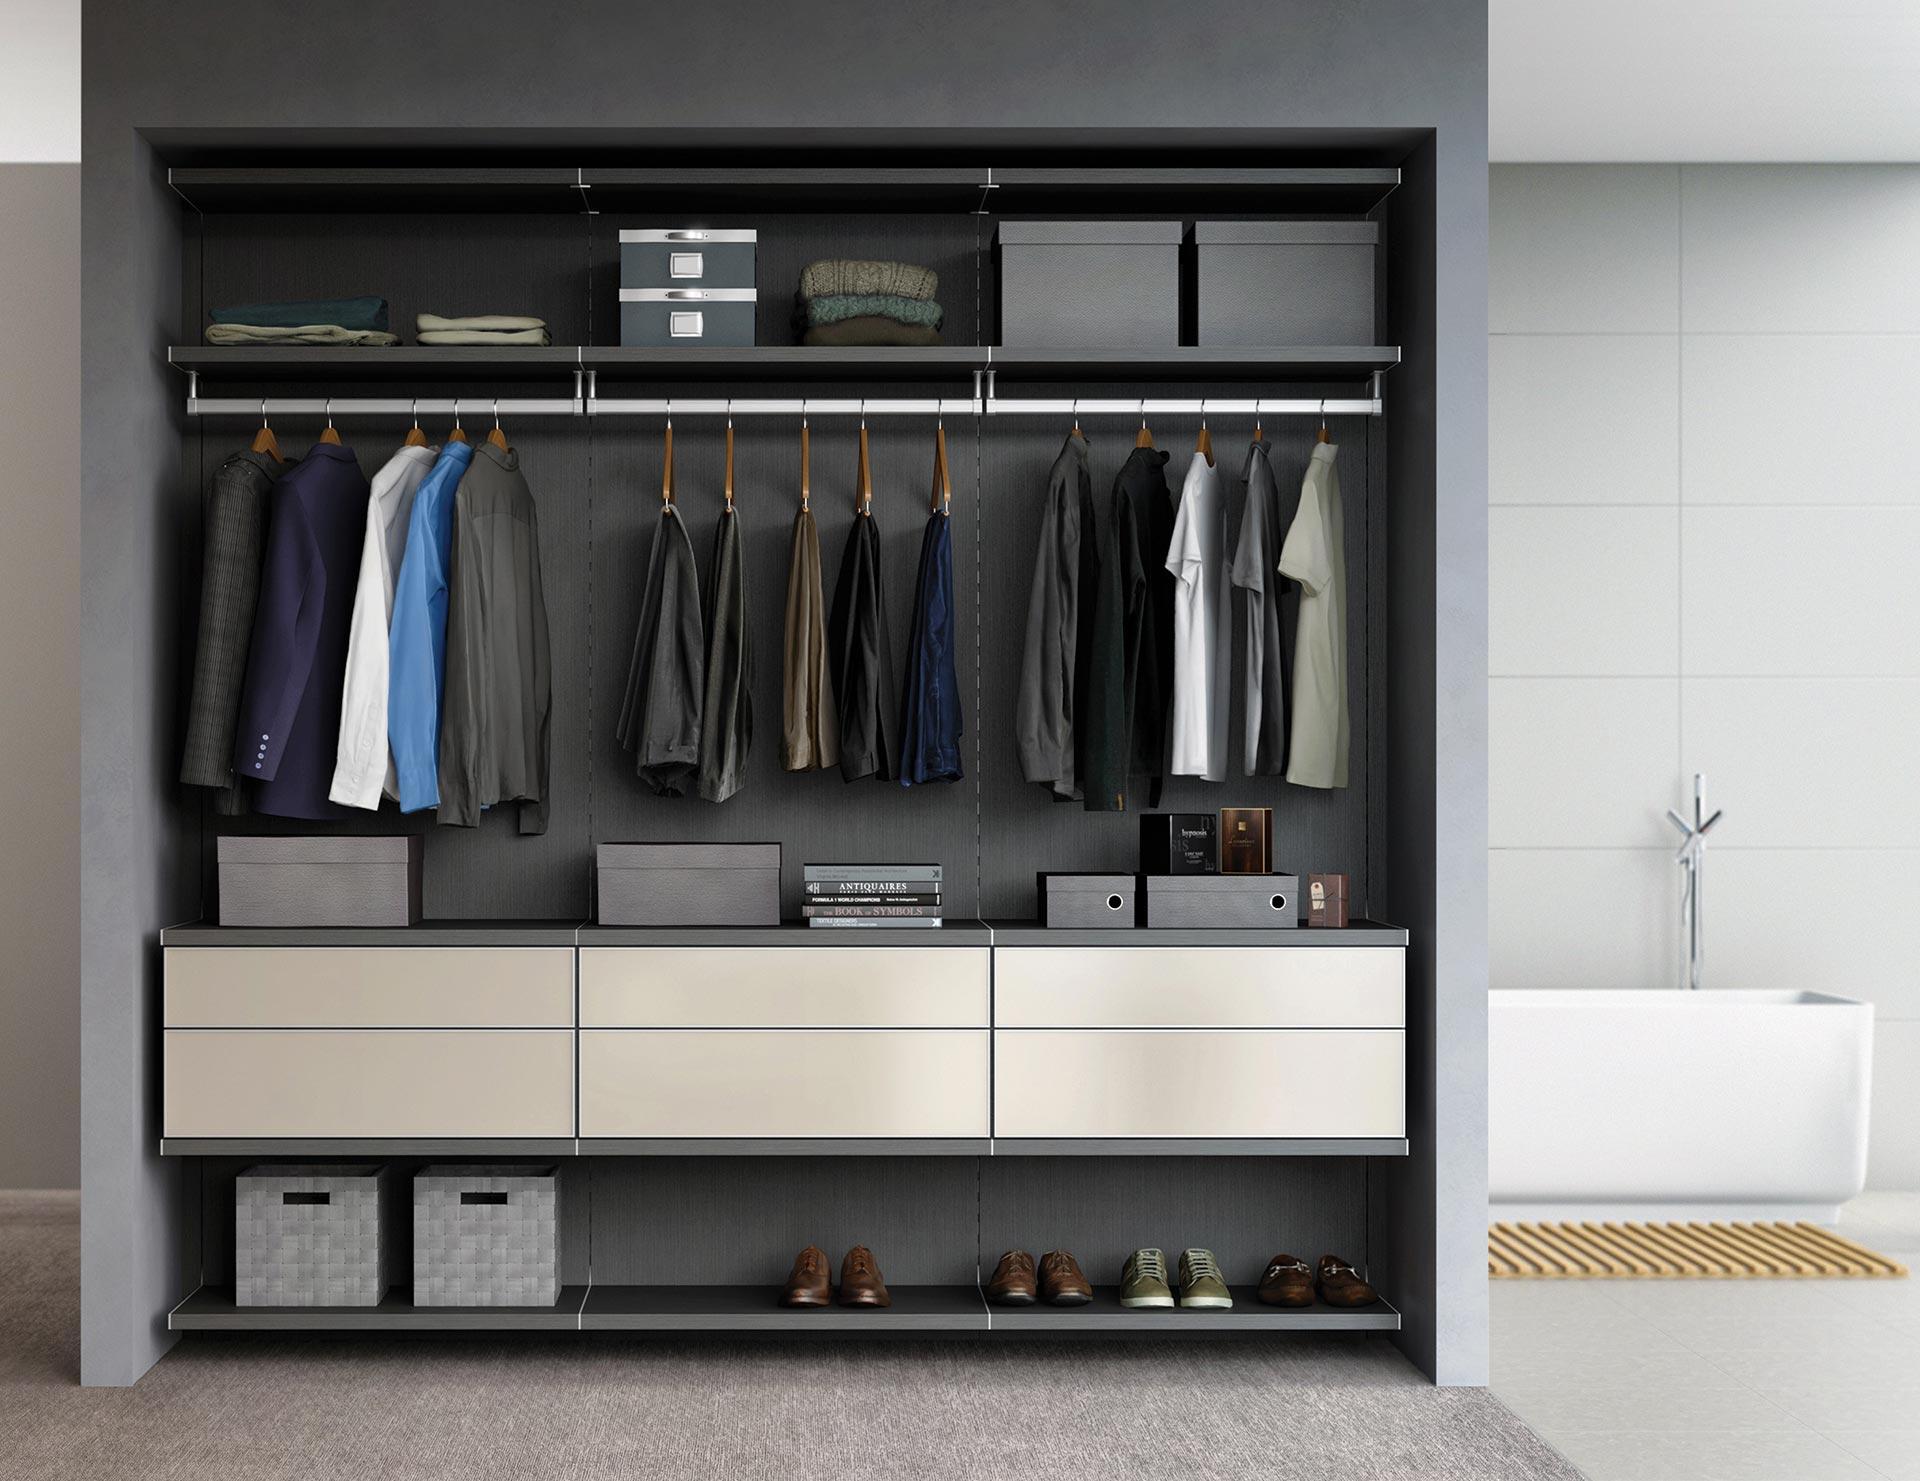 Reach In Closet Systems Reach In Closet Designs